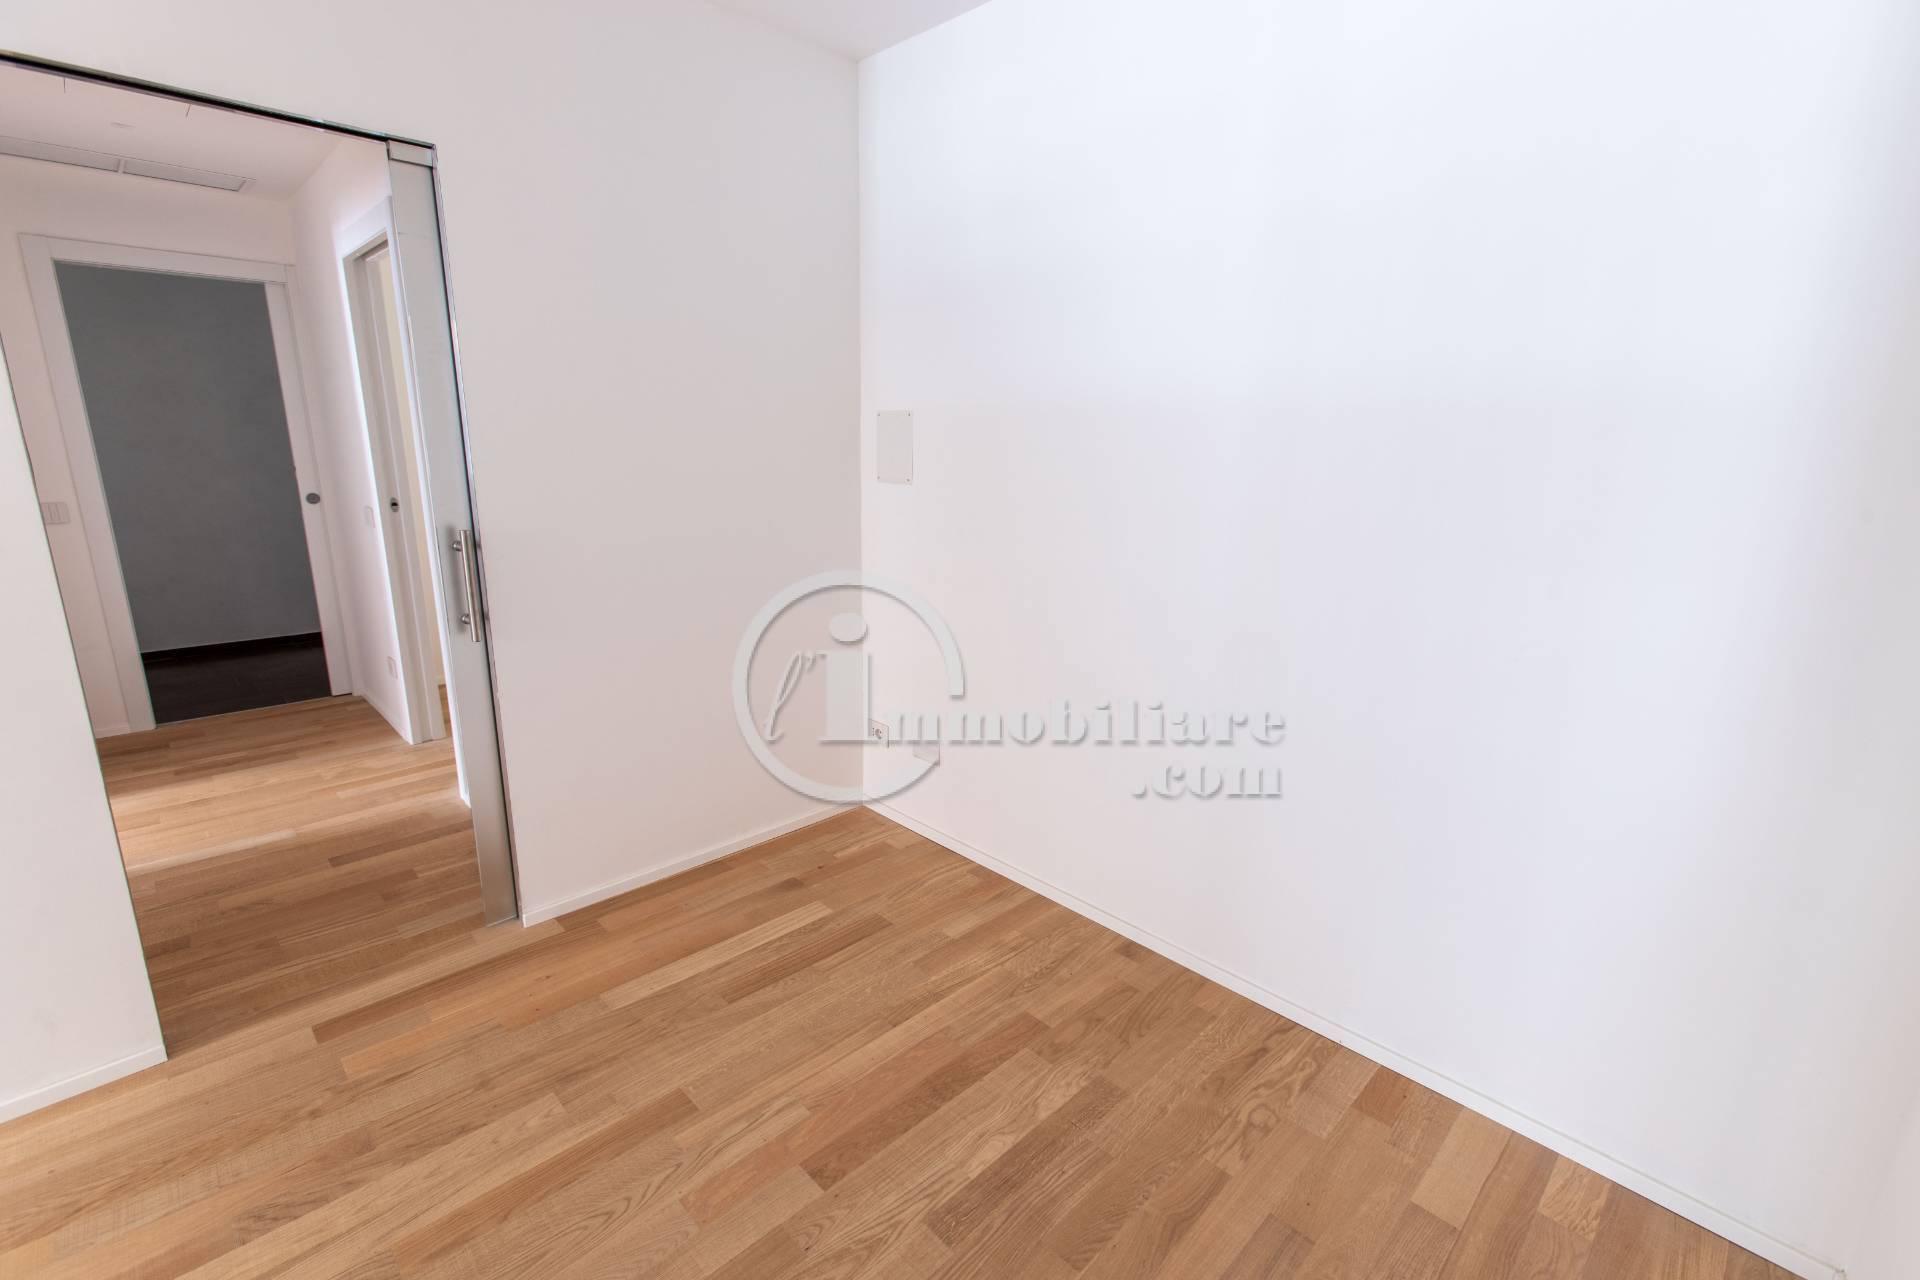 Appartamento in Vendita a Milano: 3 locali, 75 mq - Foto 2